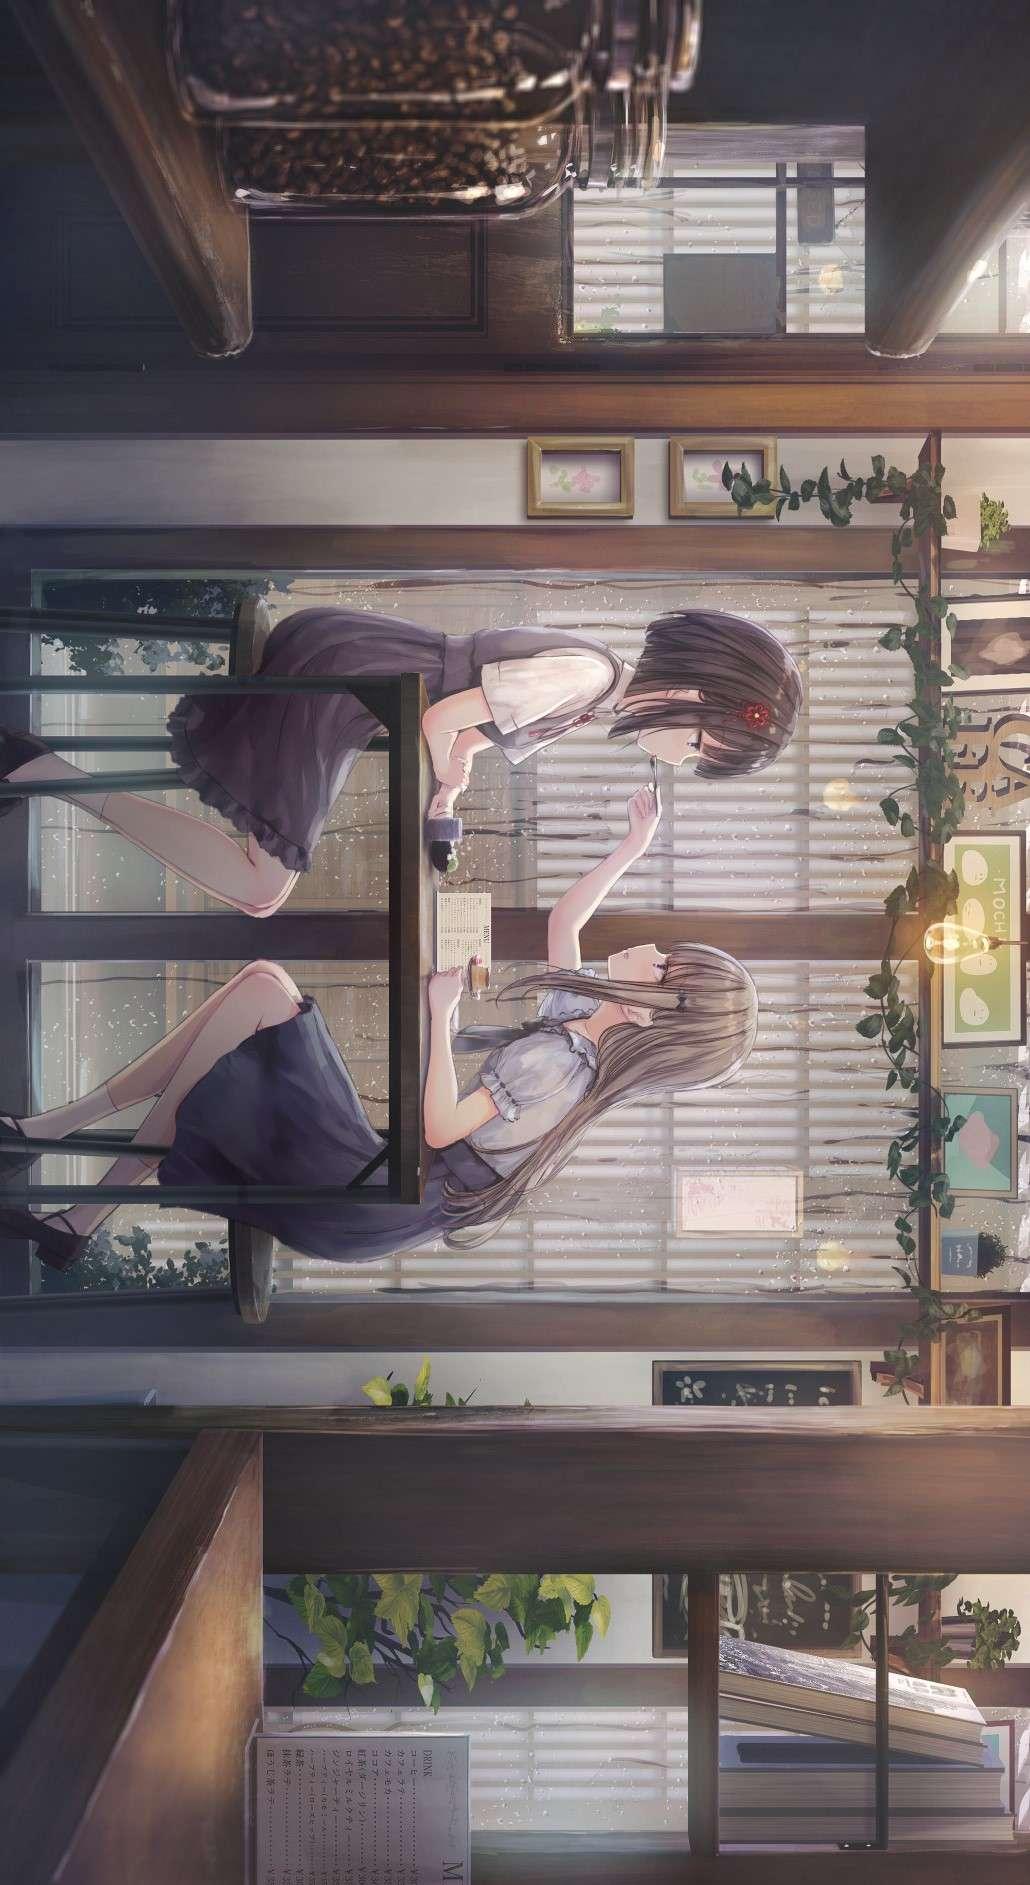 【图片】【百合美图】百合美图第一弹~-小柚妹站